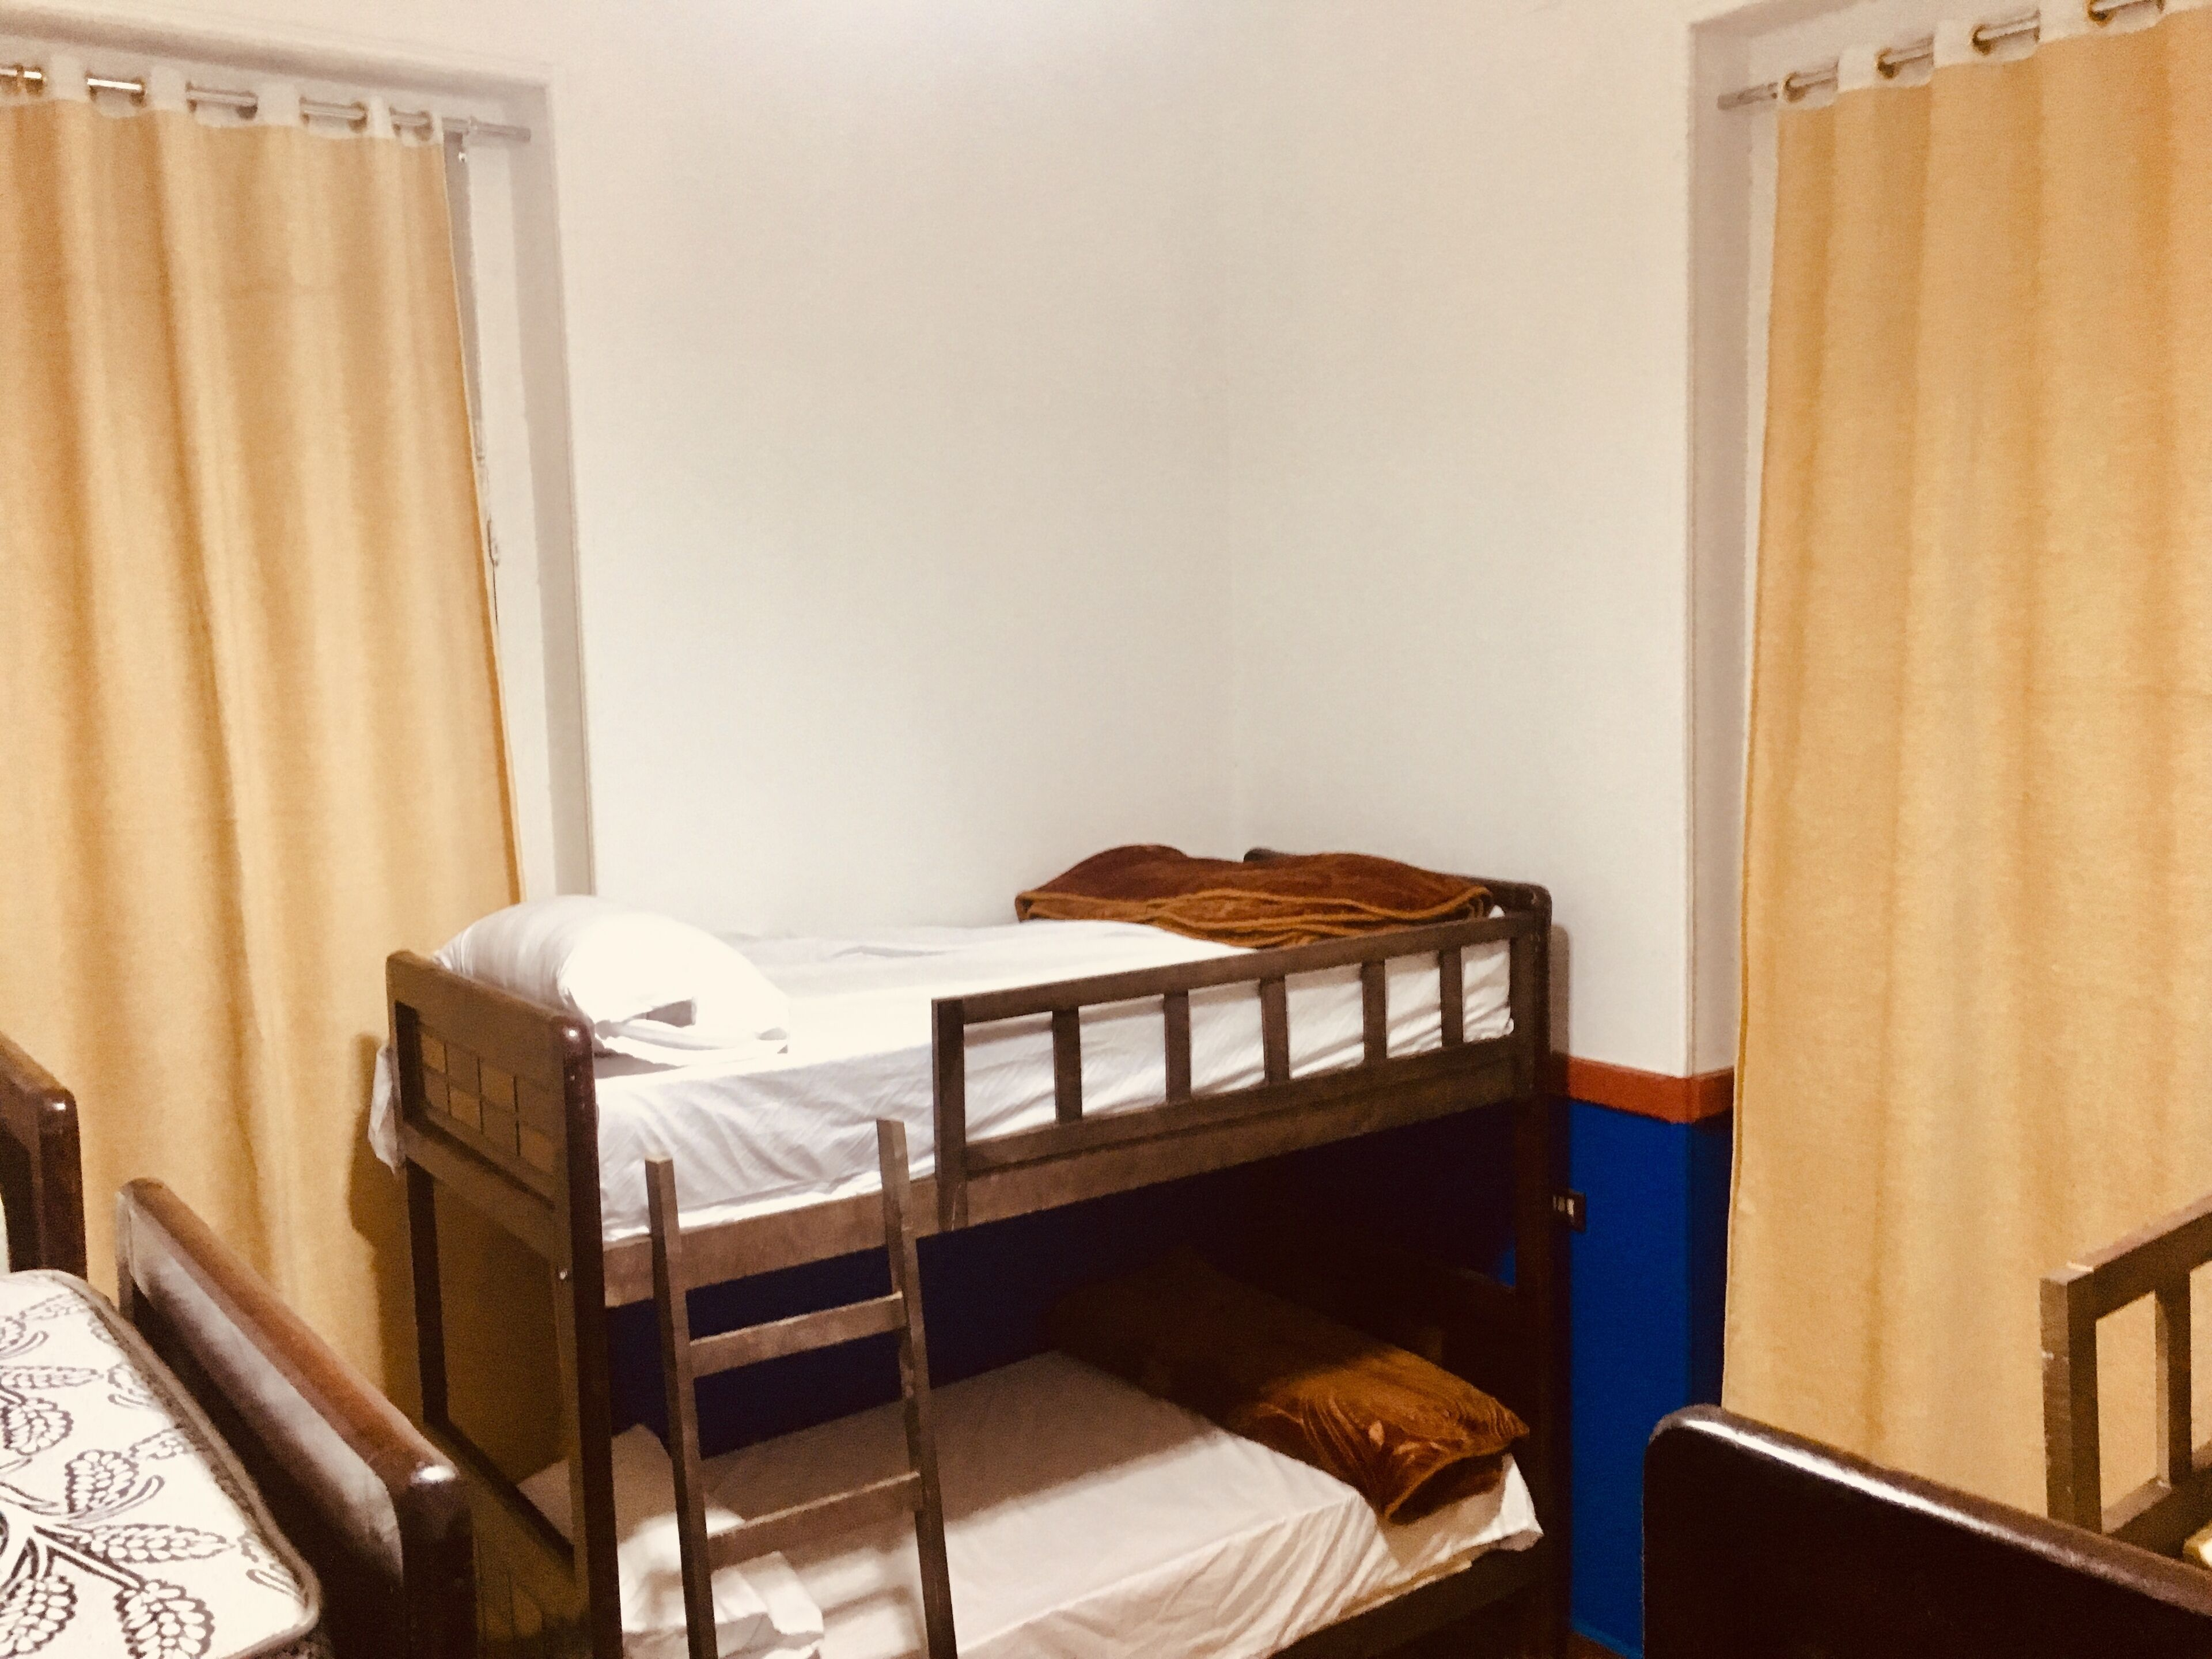 Bella Casa Hostel